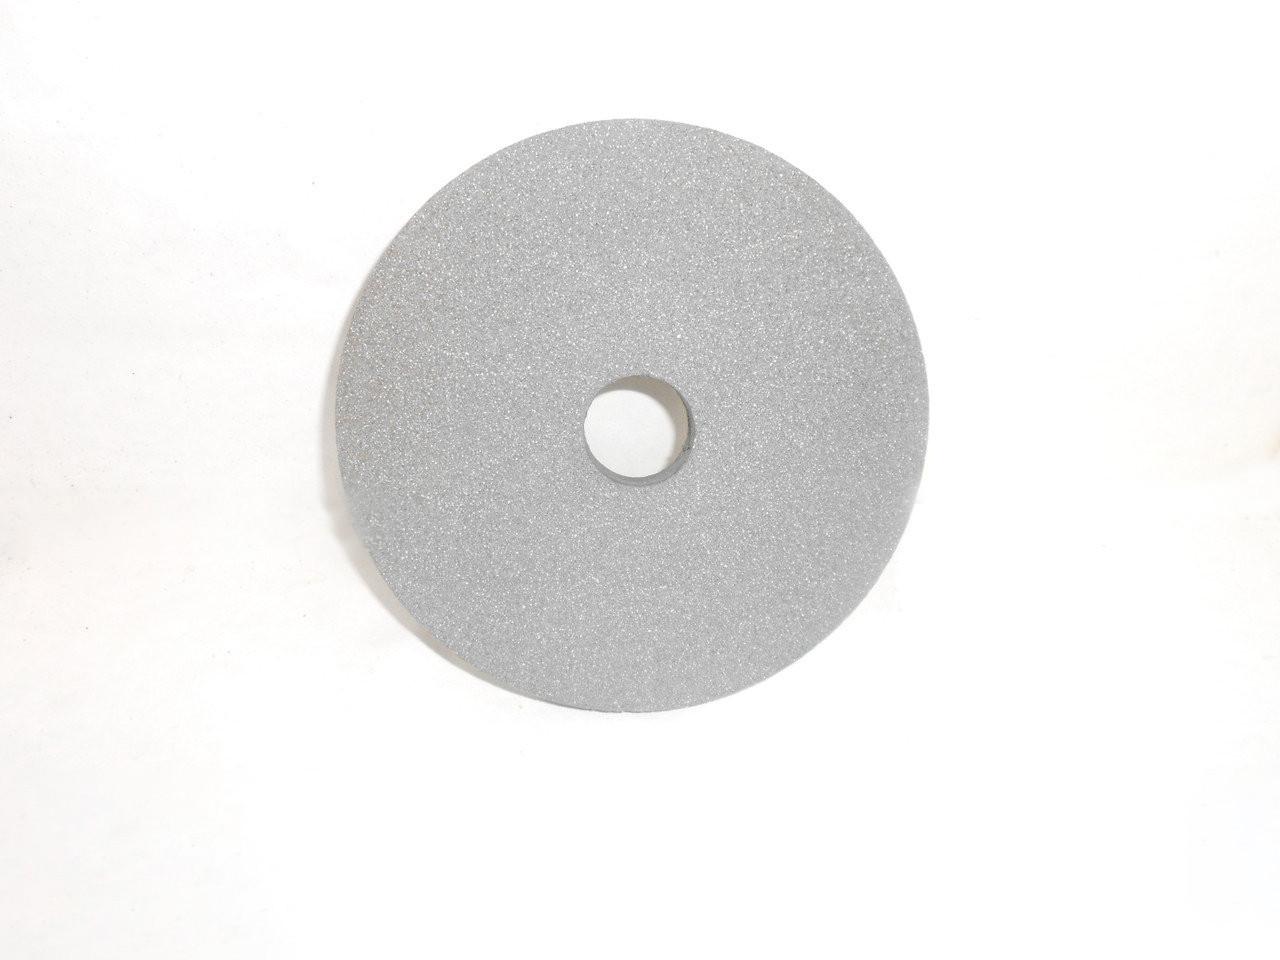 Круг шлифовальный 14А ПП 80х8х13  16 С1